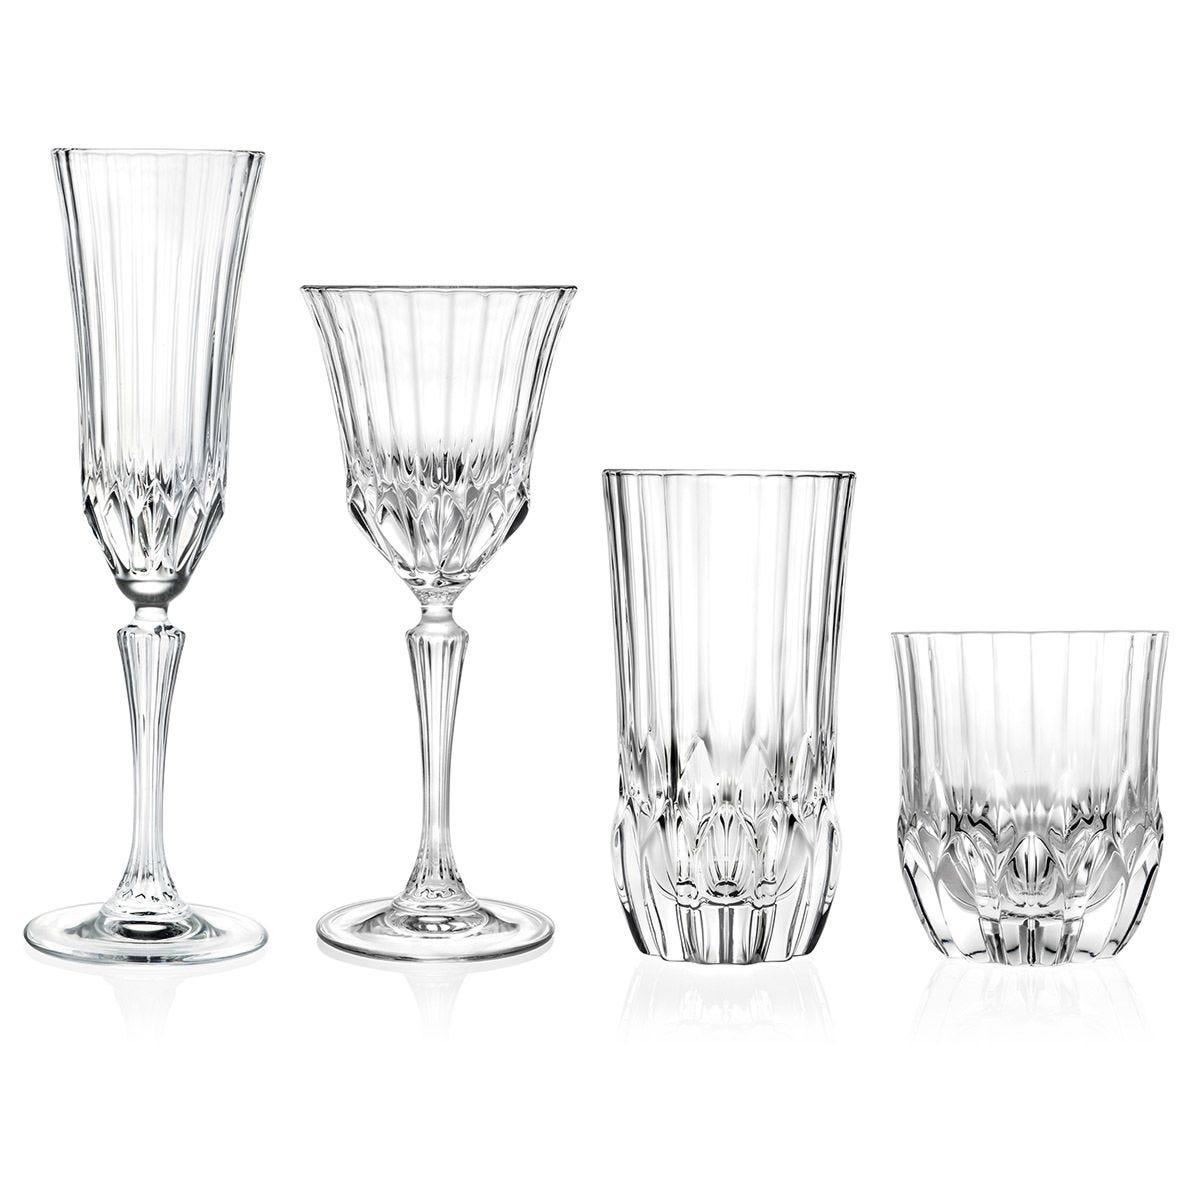 RCR Adagio Luxion Crystal 24-Piece Glassware Set